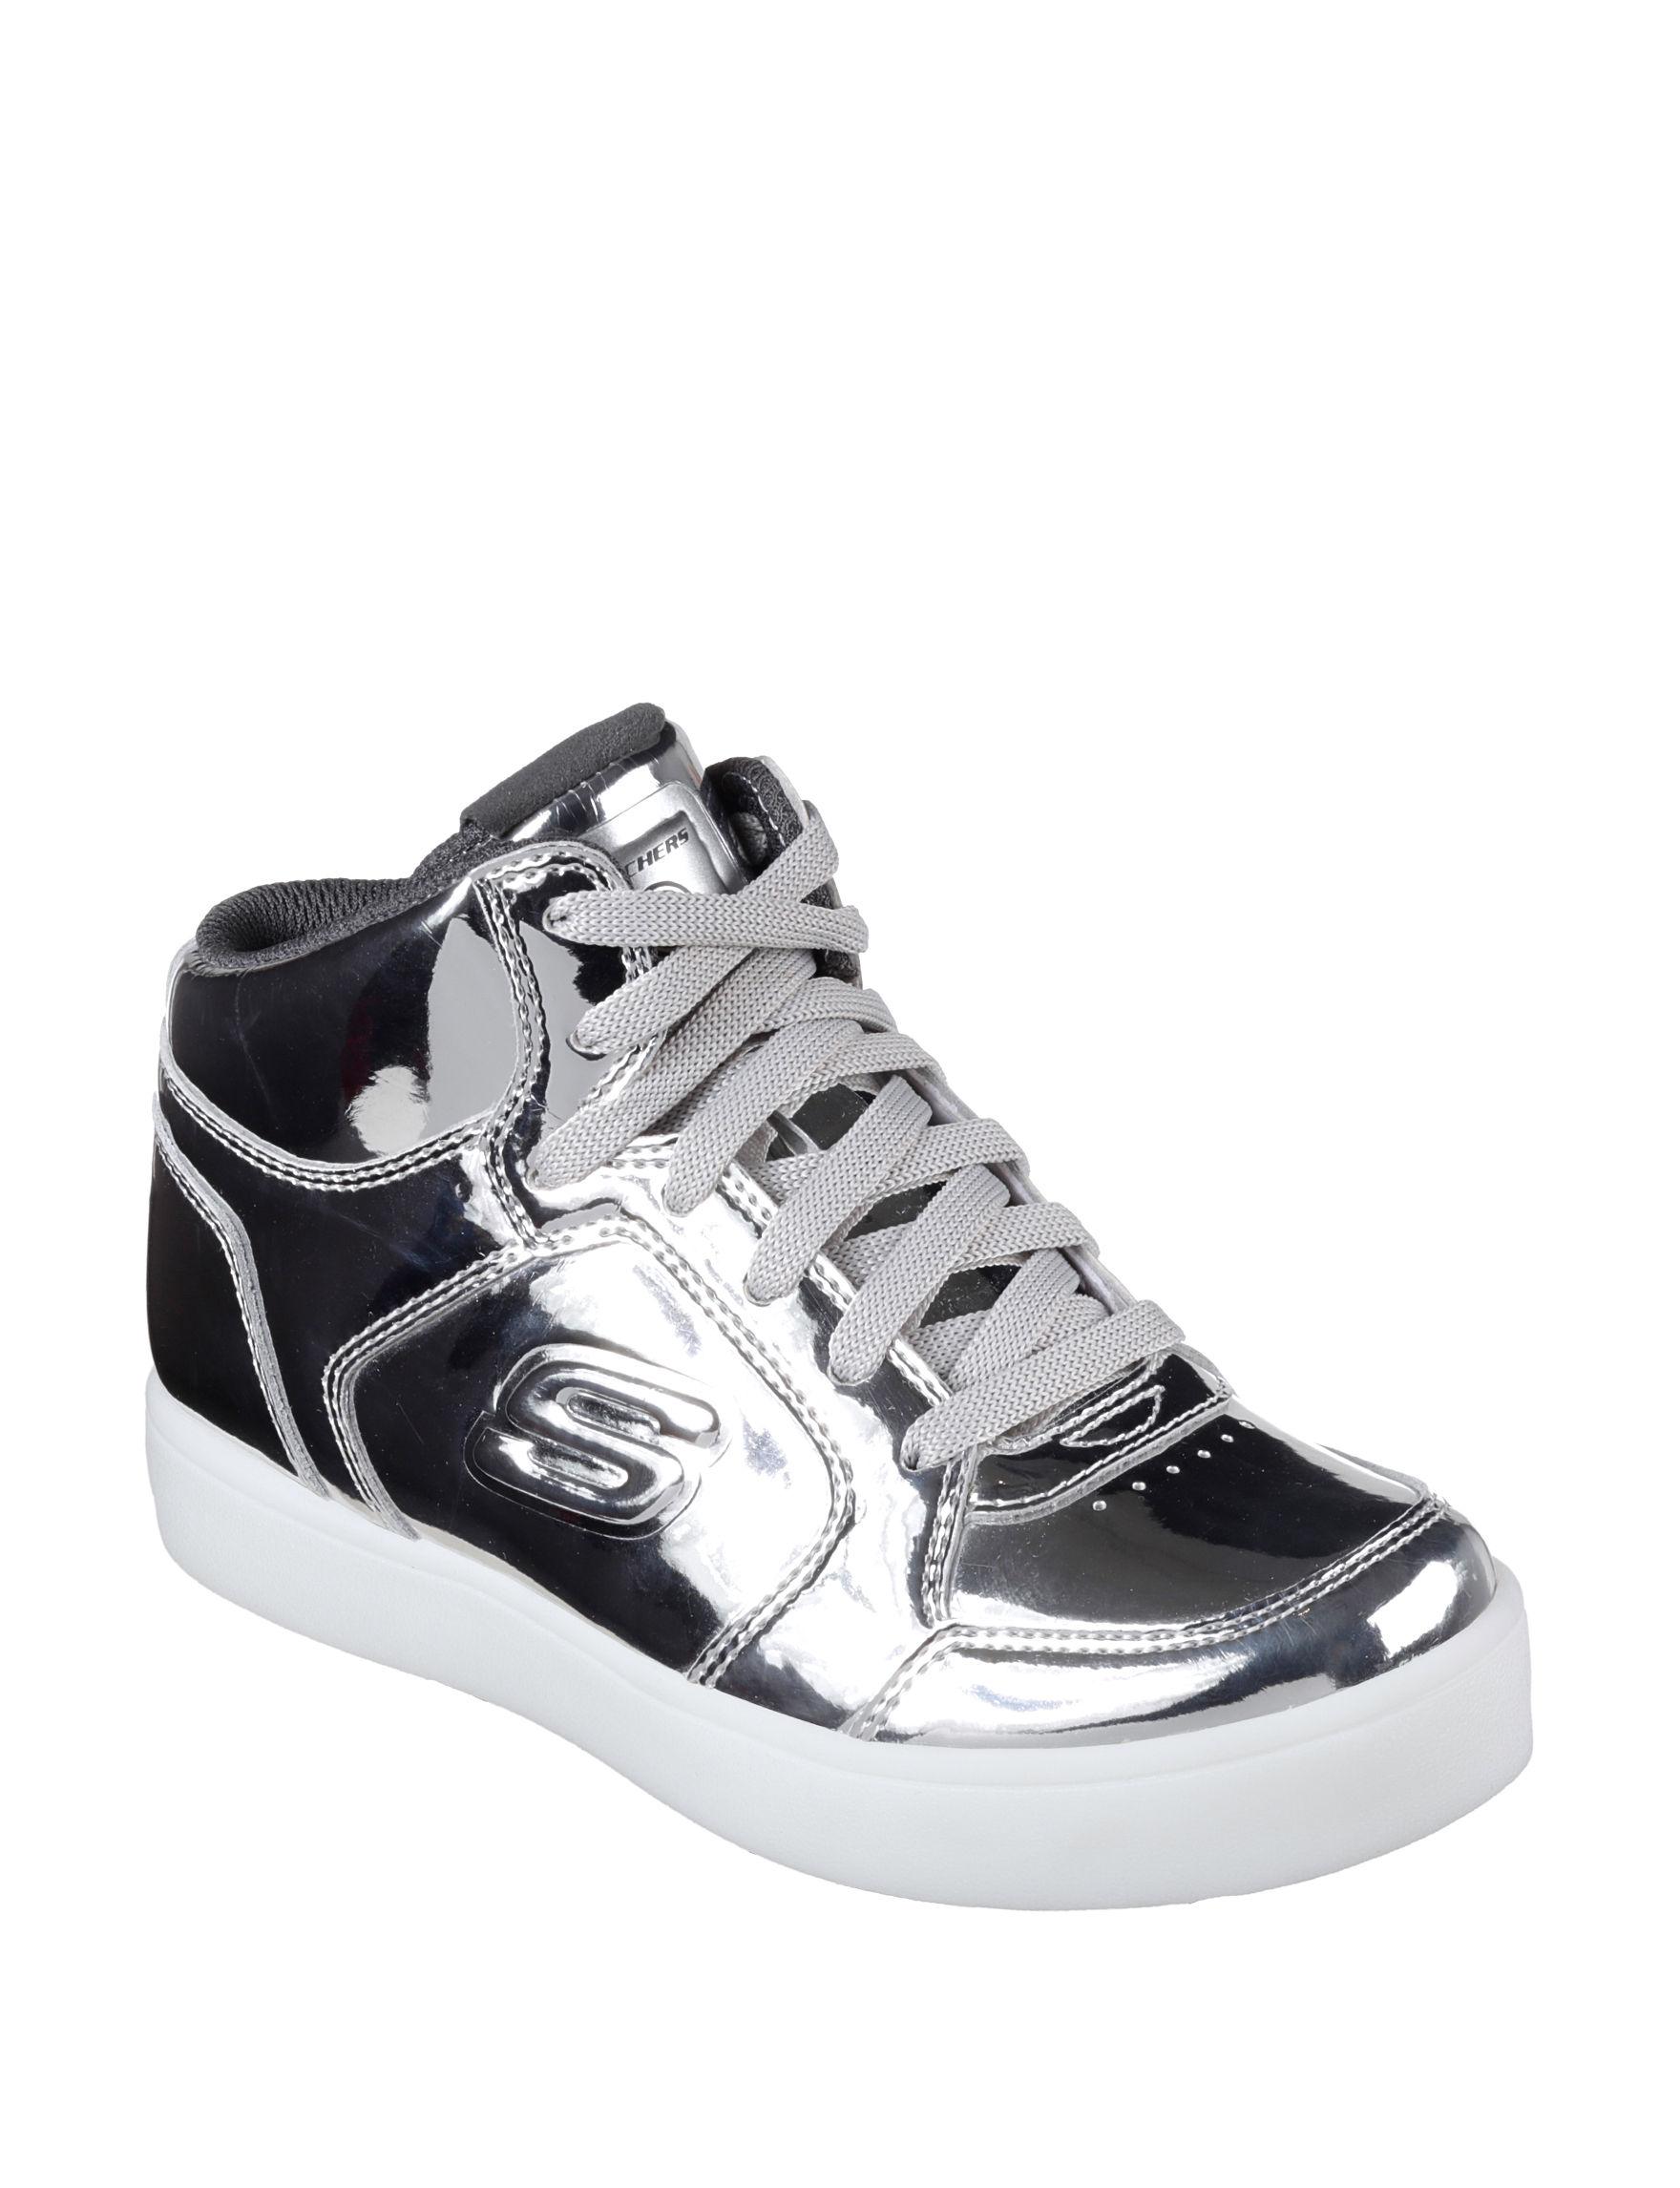 Skechers Silver